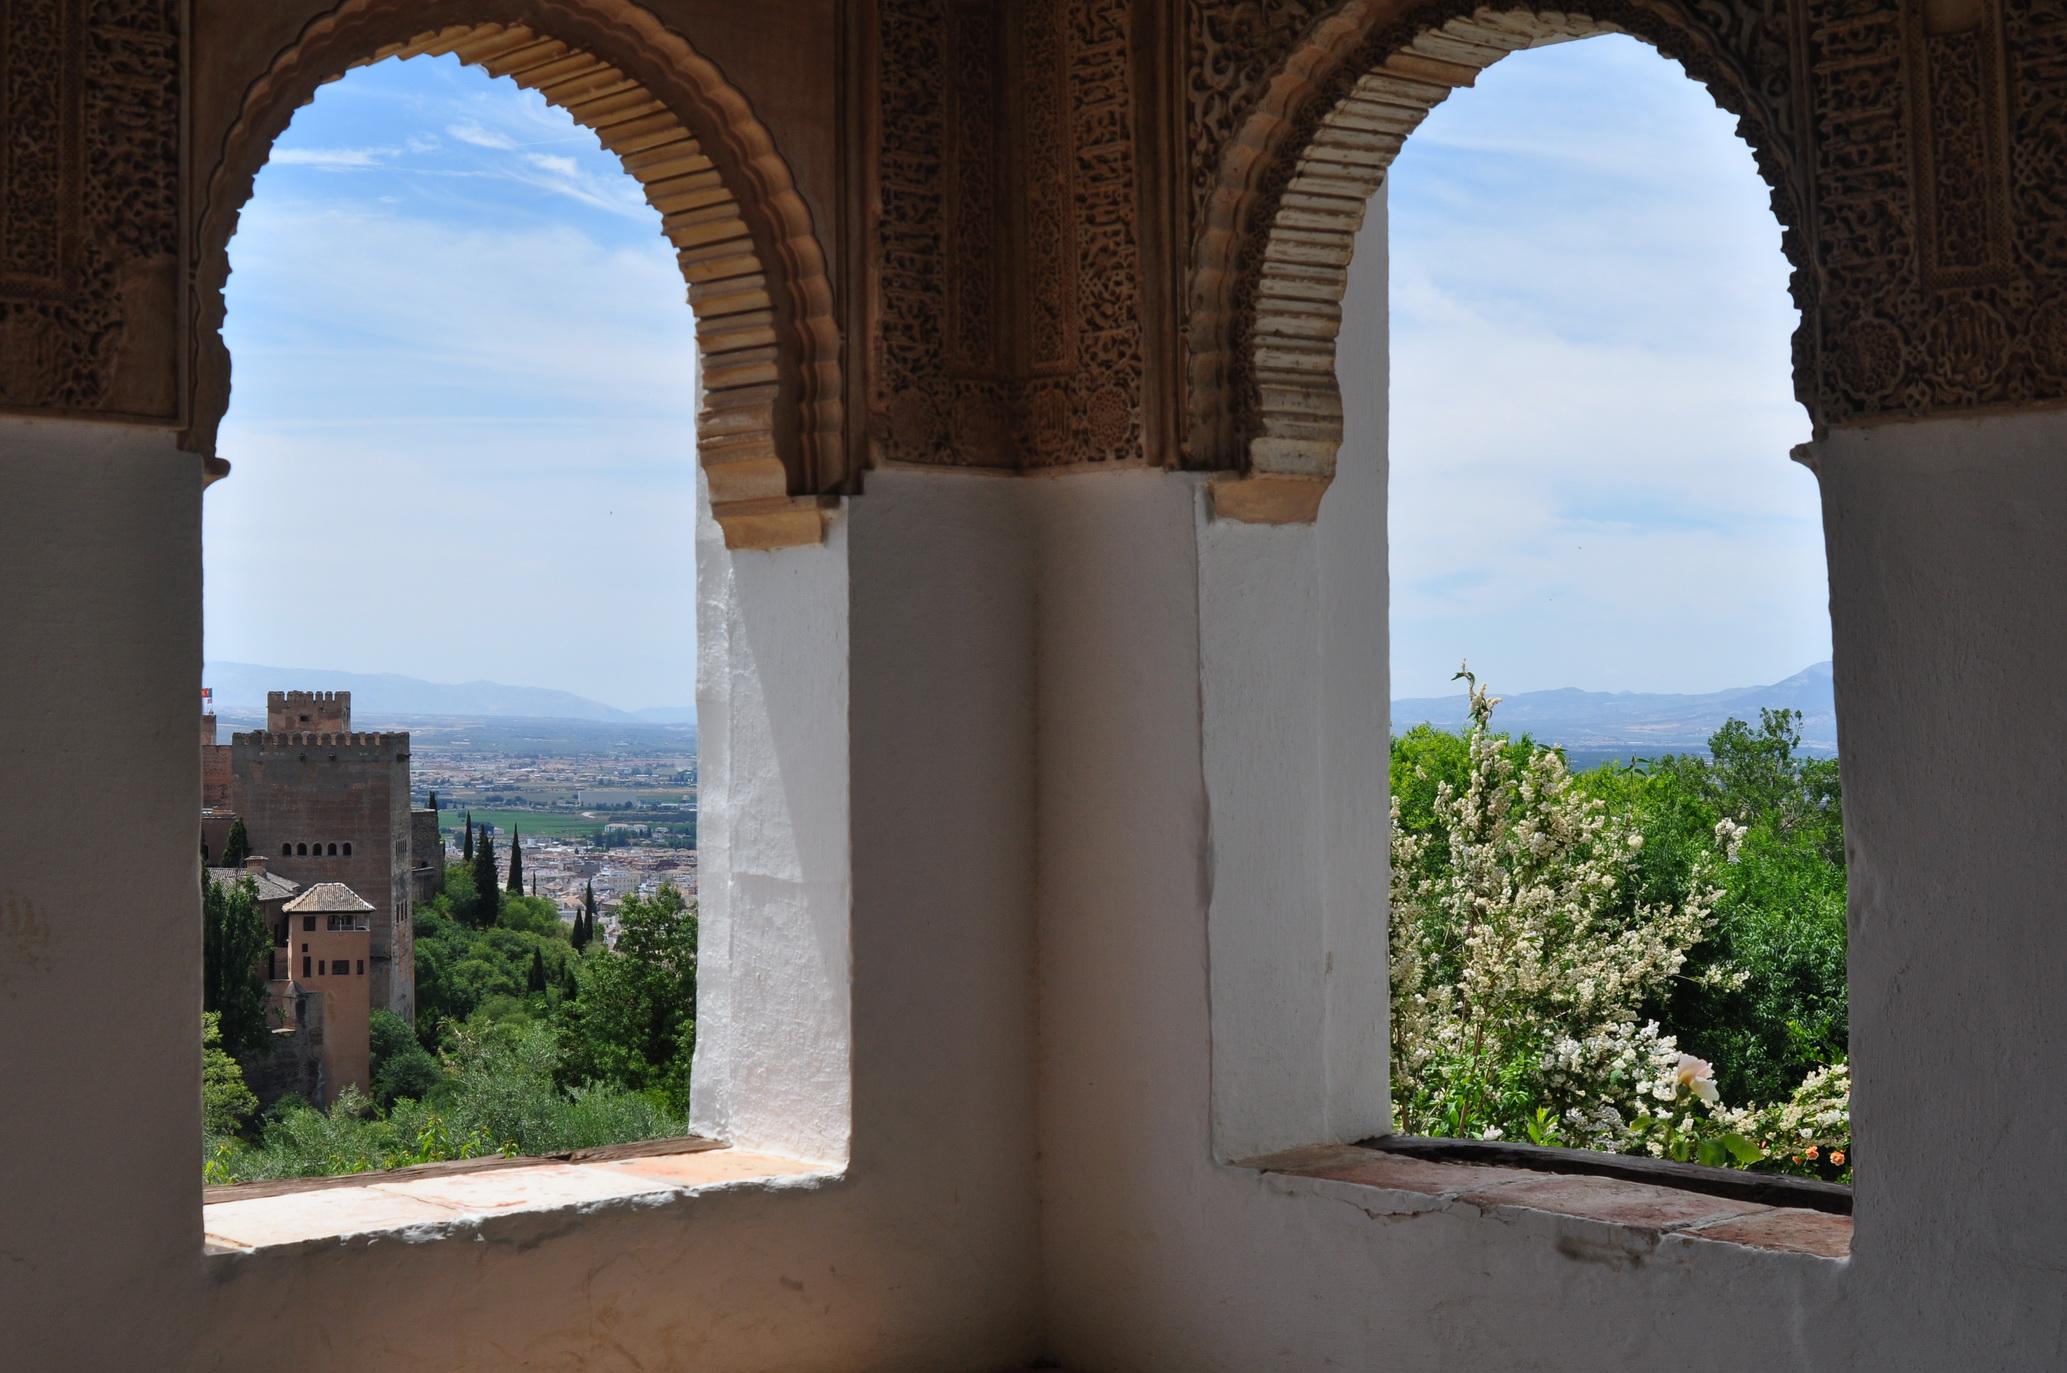 Se decidi di andare a Granada non puoi perderti l'Alhambra_Generalife